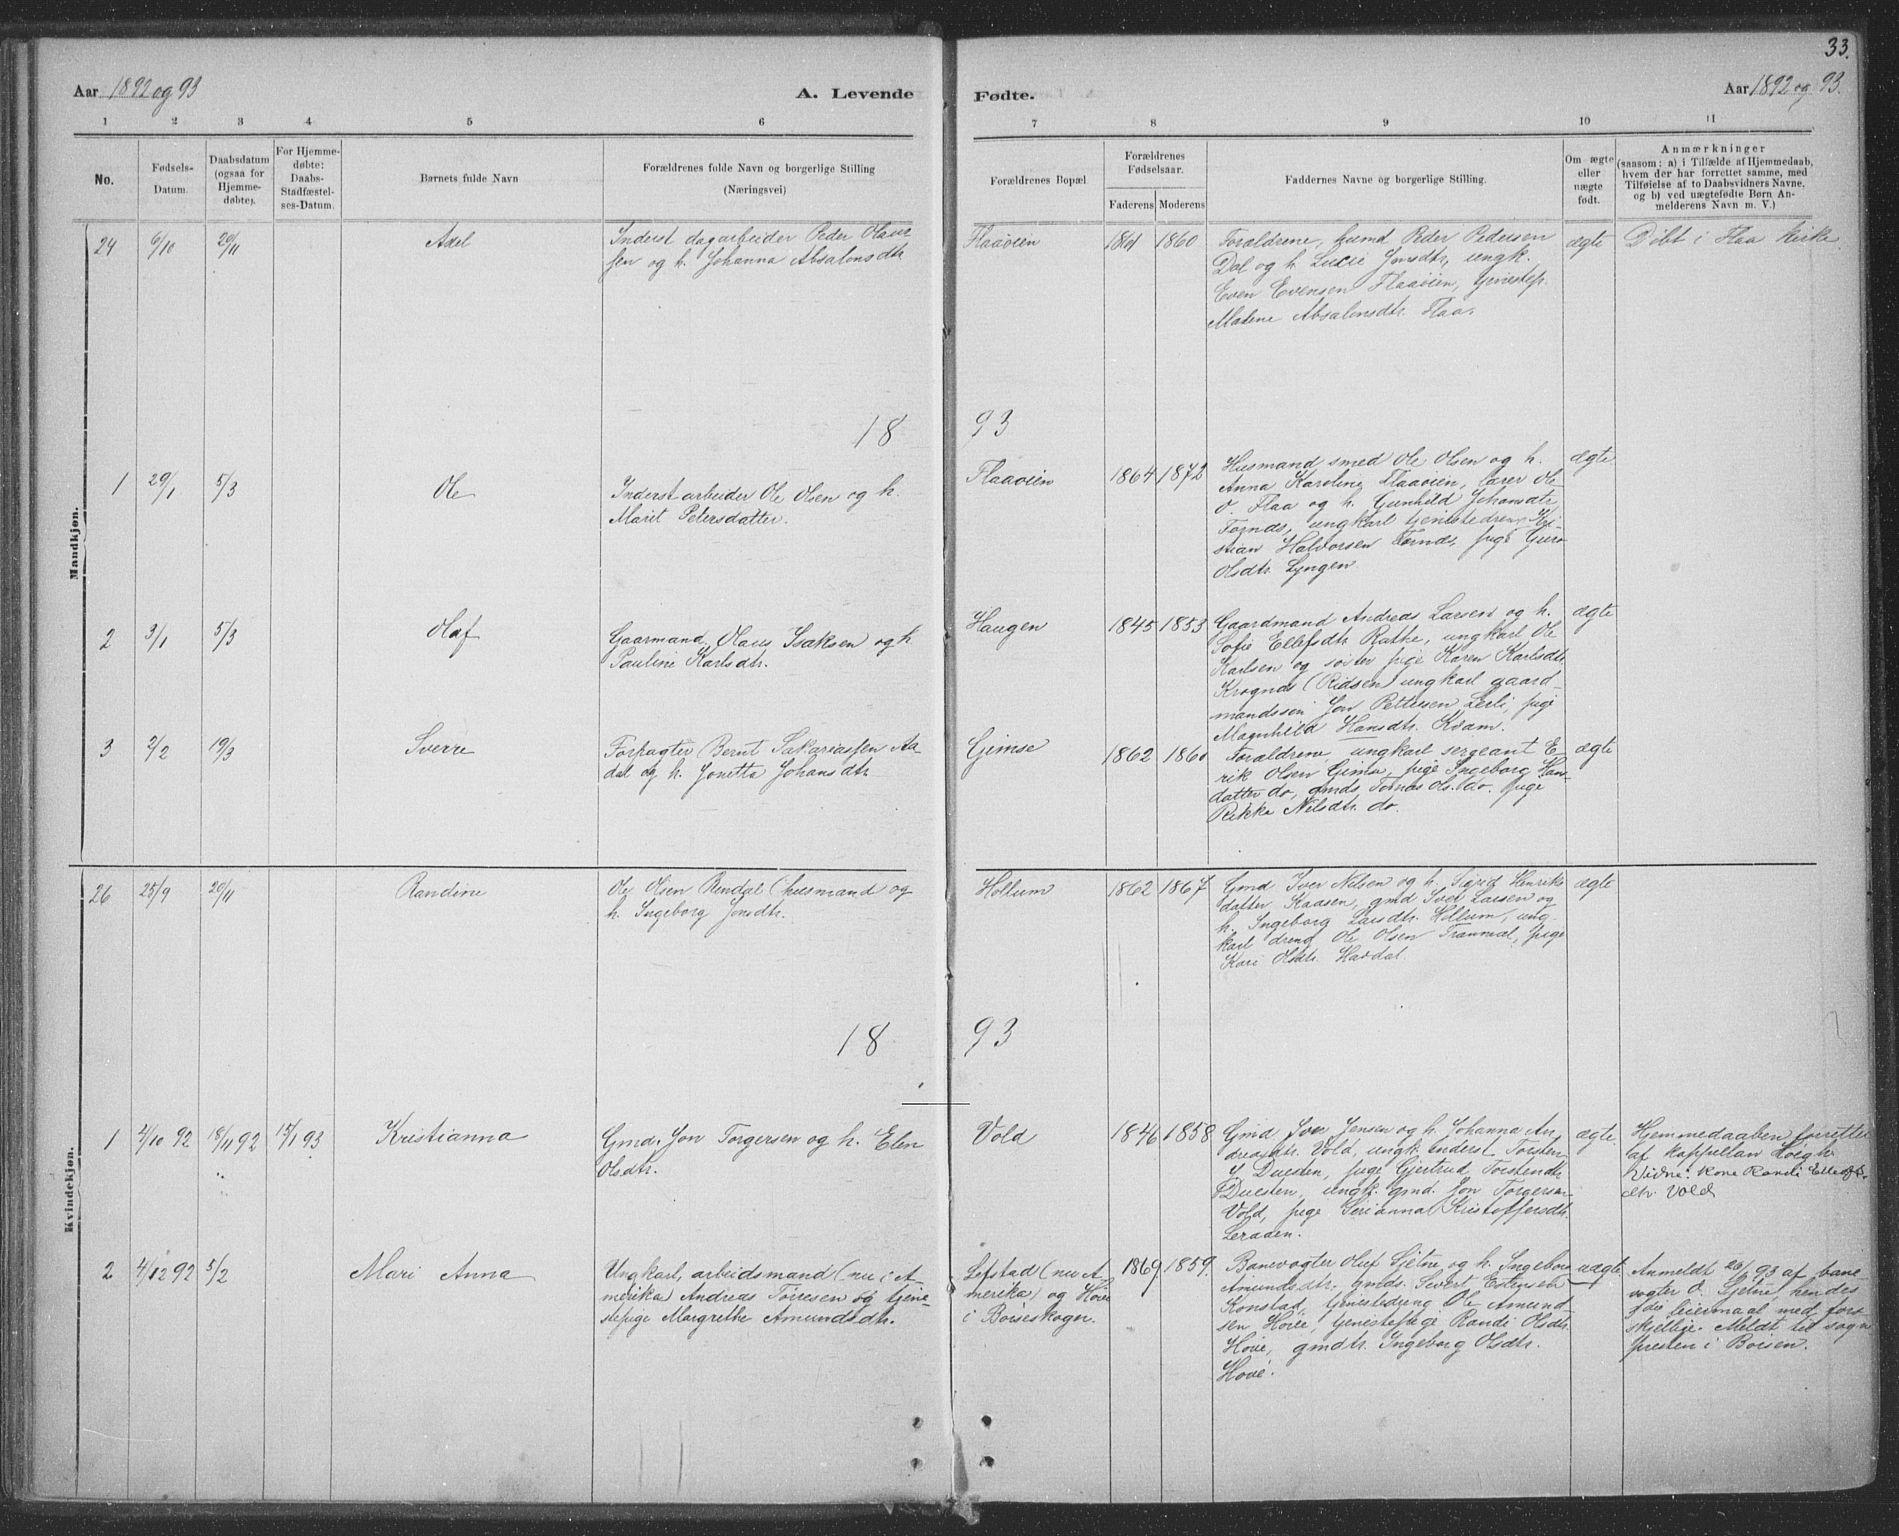 SAT, Ministerialprotokoller, klokkerbøker og fødselsregistre - Sør-Trøndelag, 691/L1085: Ministerialbok nr. 691A17, 1887-1908, s. 33